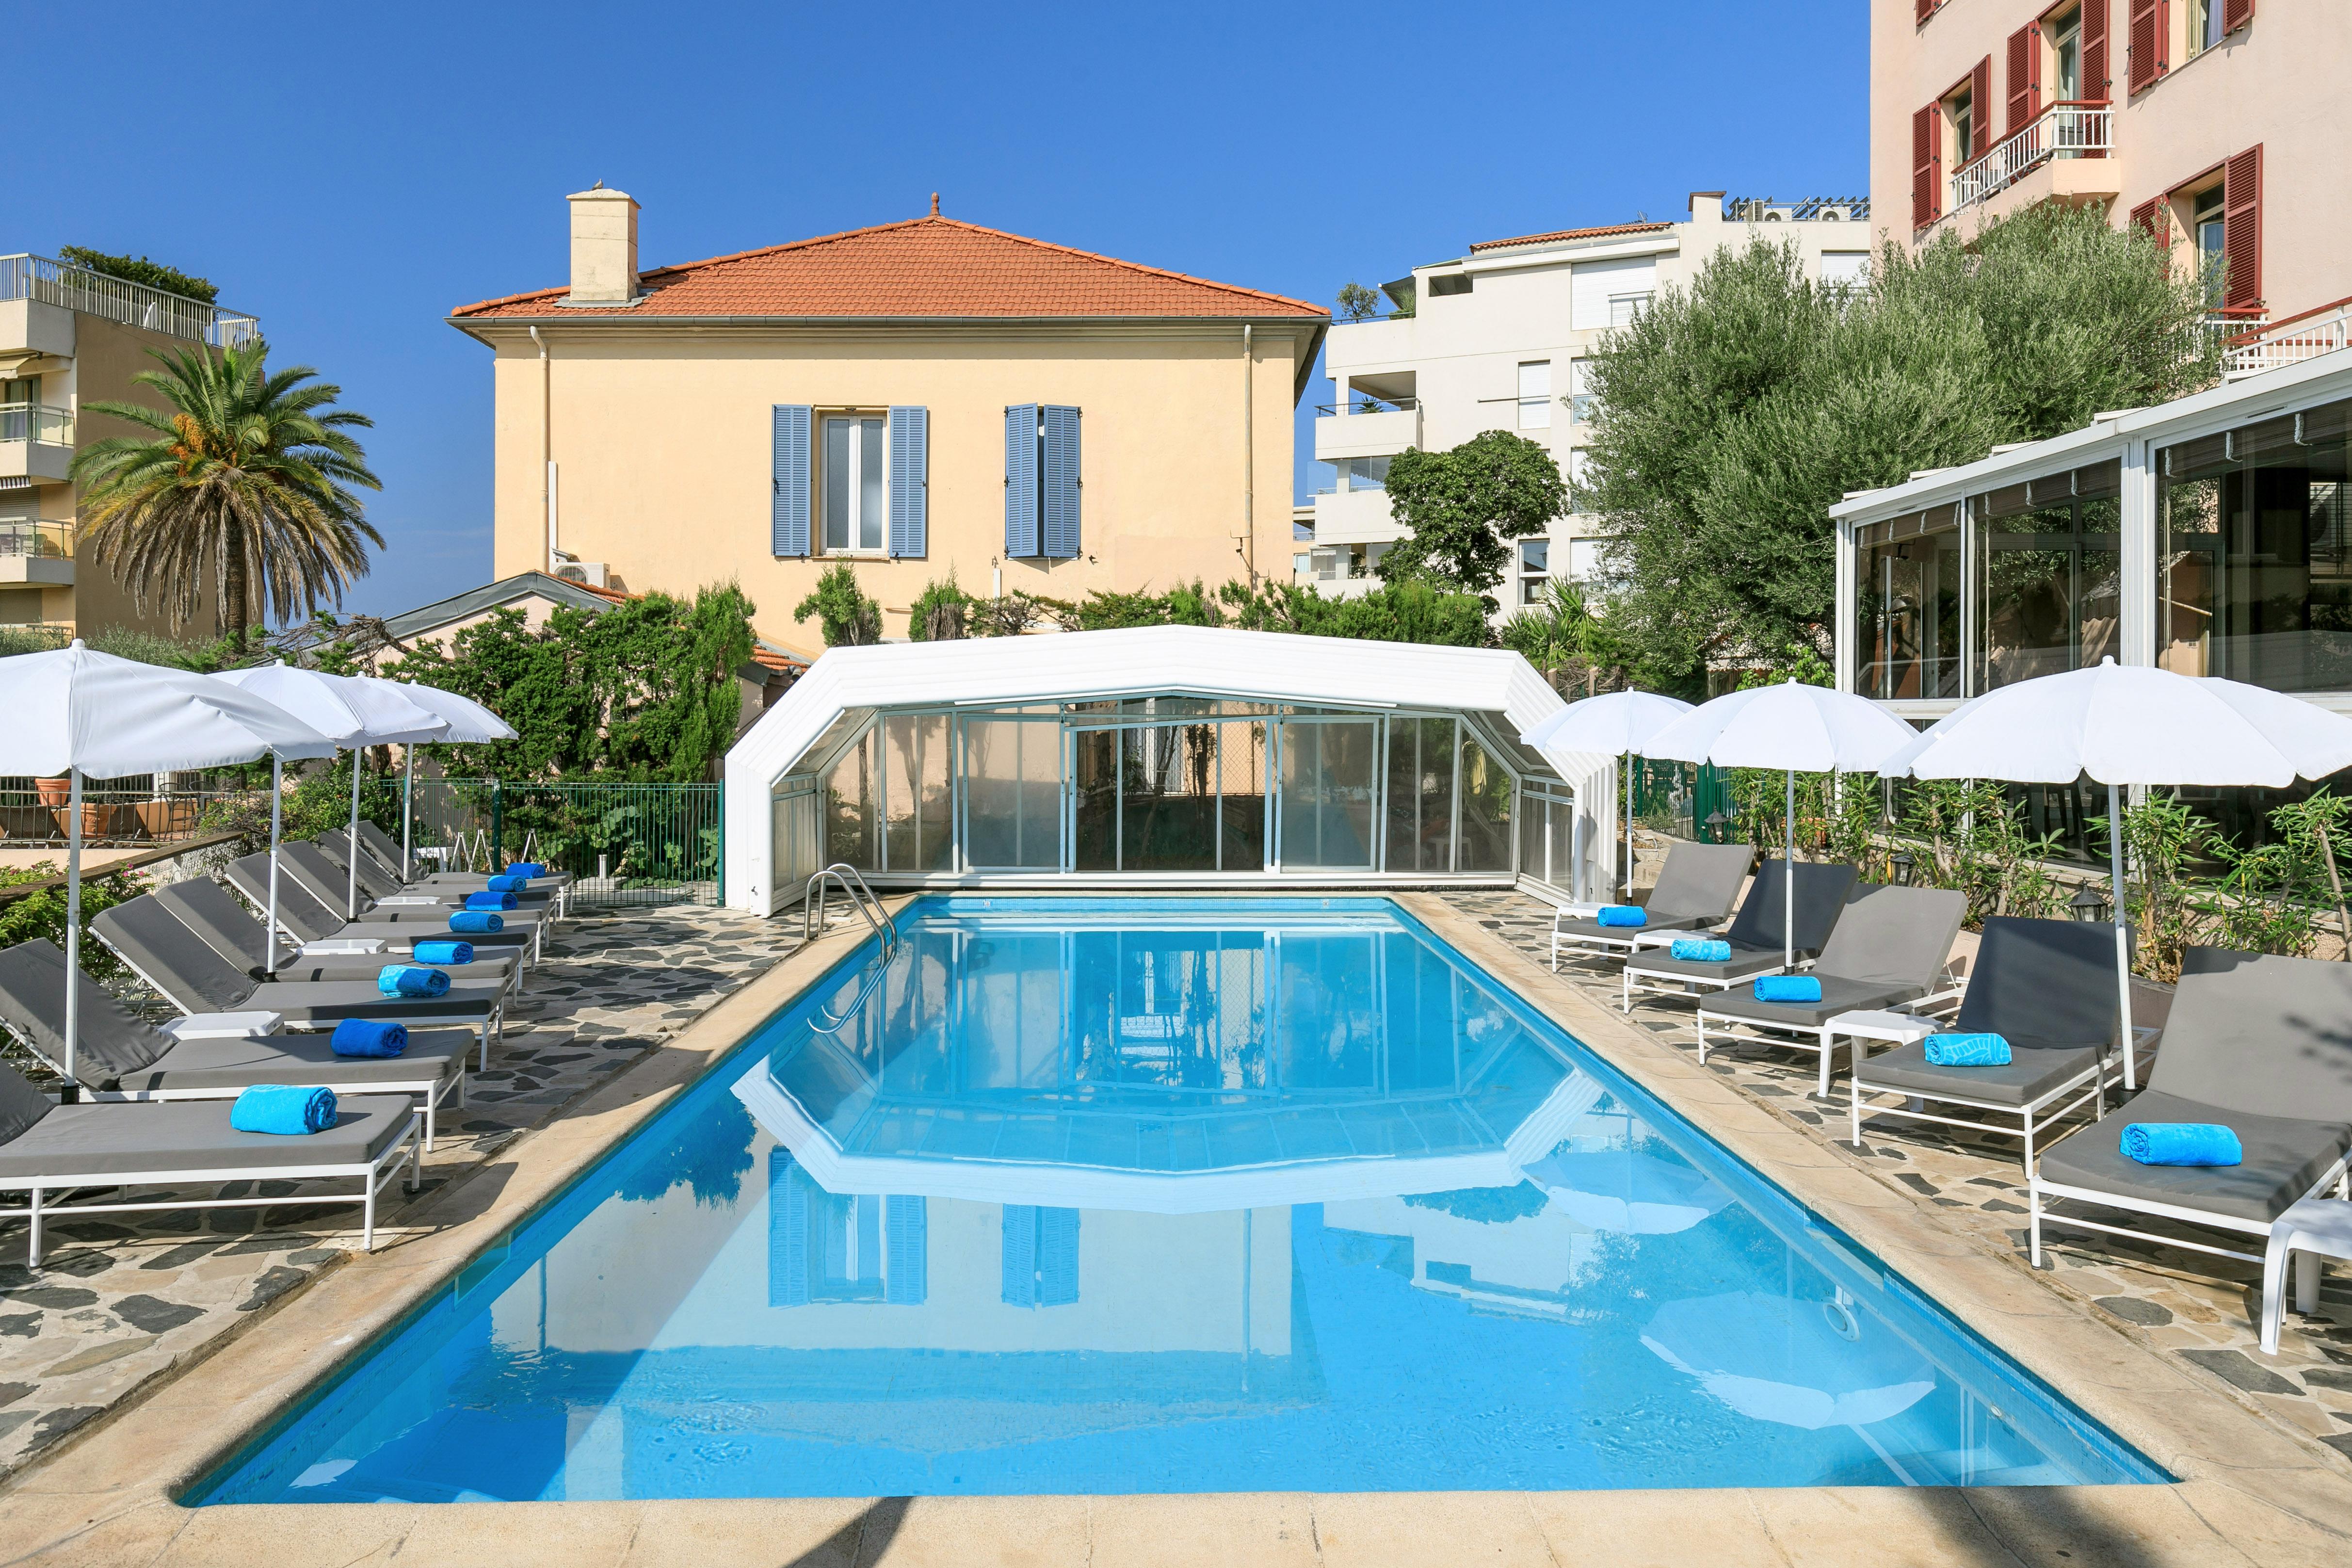 Votre hôtel 3 étoiles à Cannes avec piscine extérieure - Crédit Summer Hotels